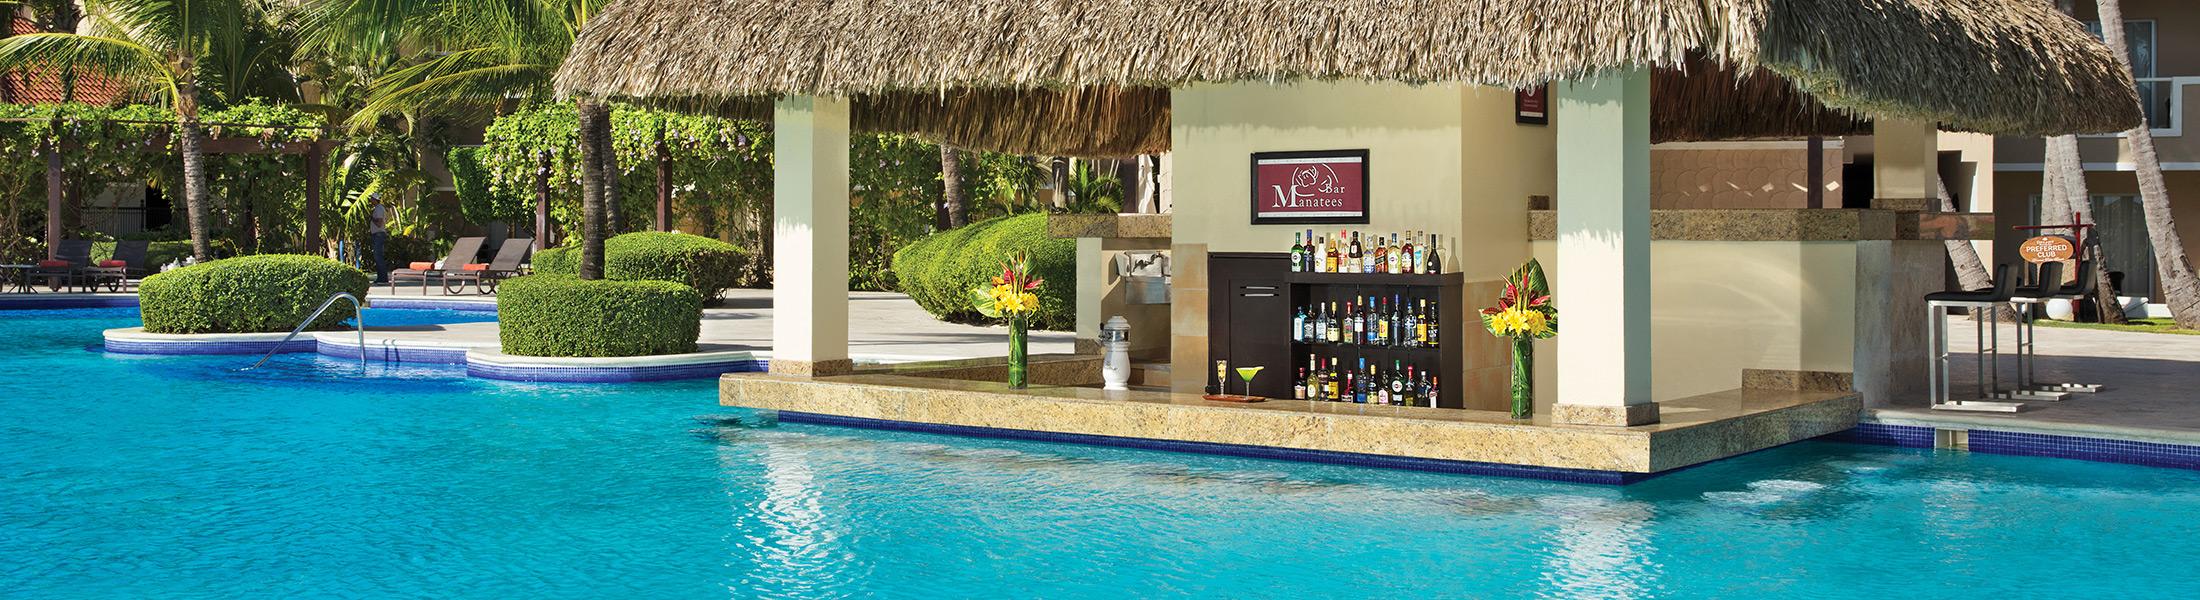 Manatees pool bar at the Dreams Palm Beach Punta Cana